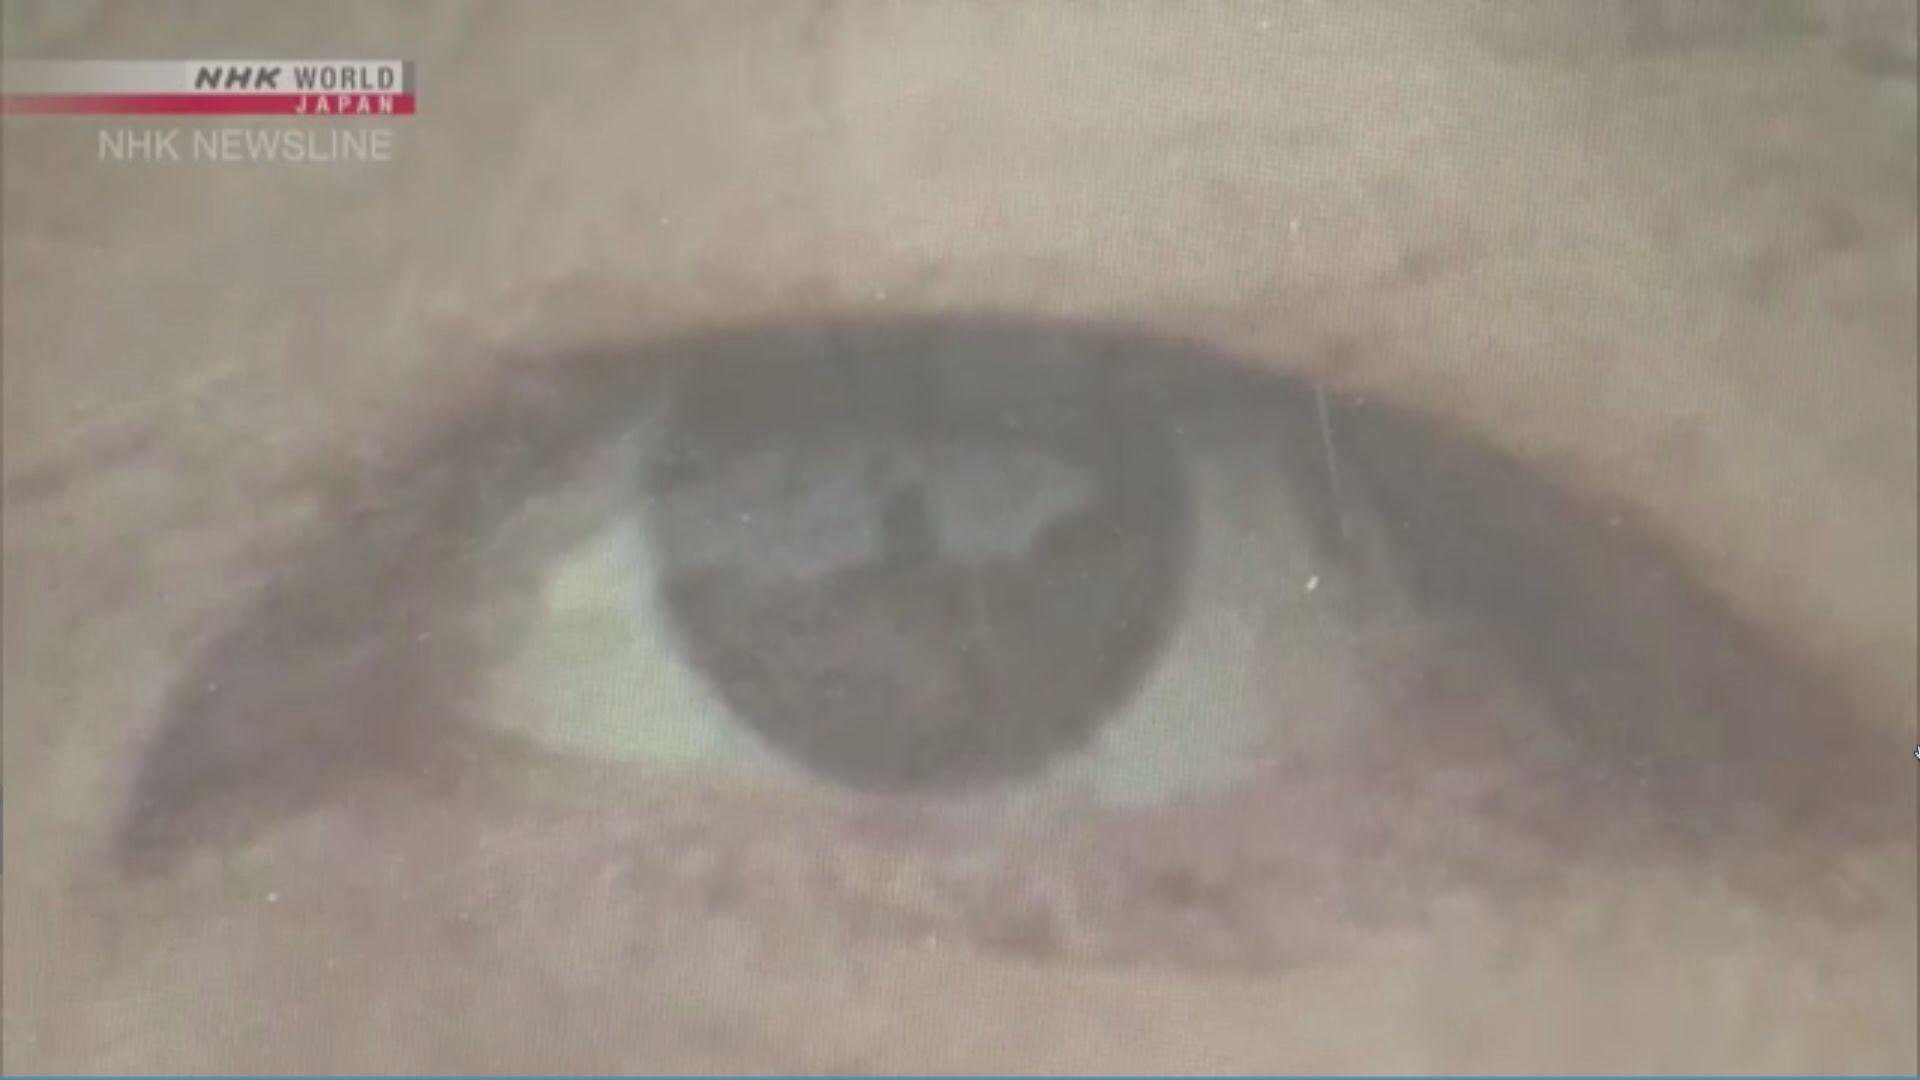 【環球薈報】日本狂粉靠相片瞳孔反射鎖定偶像住處犯案